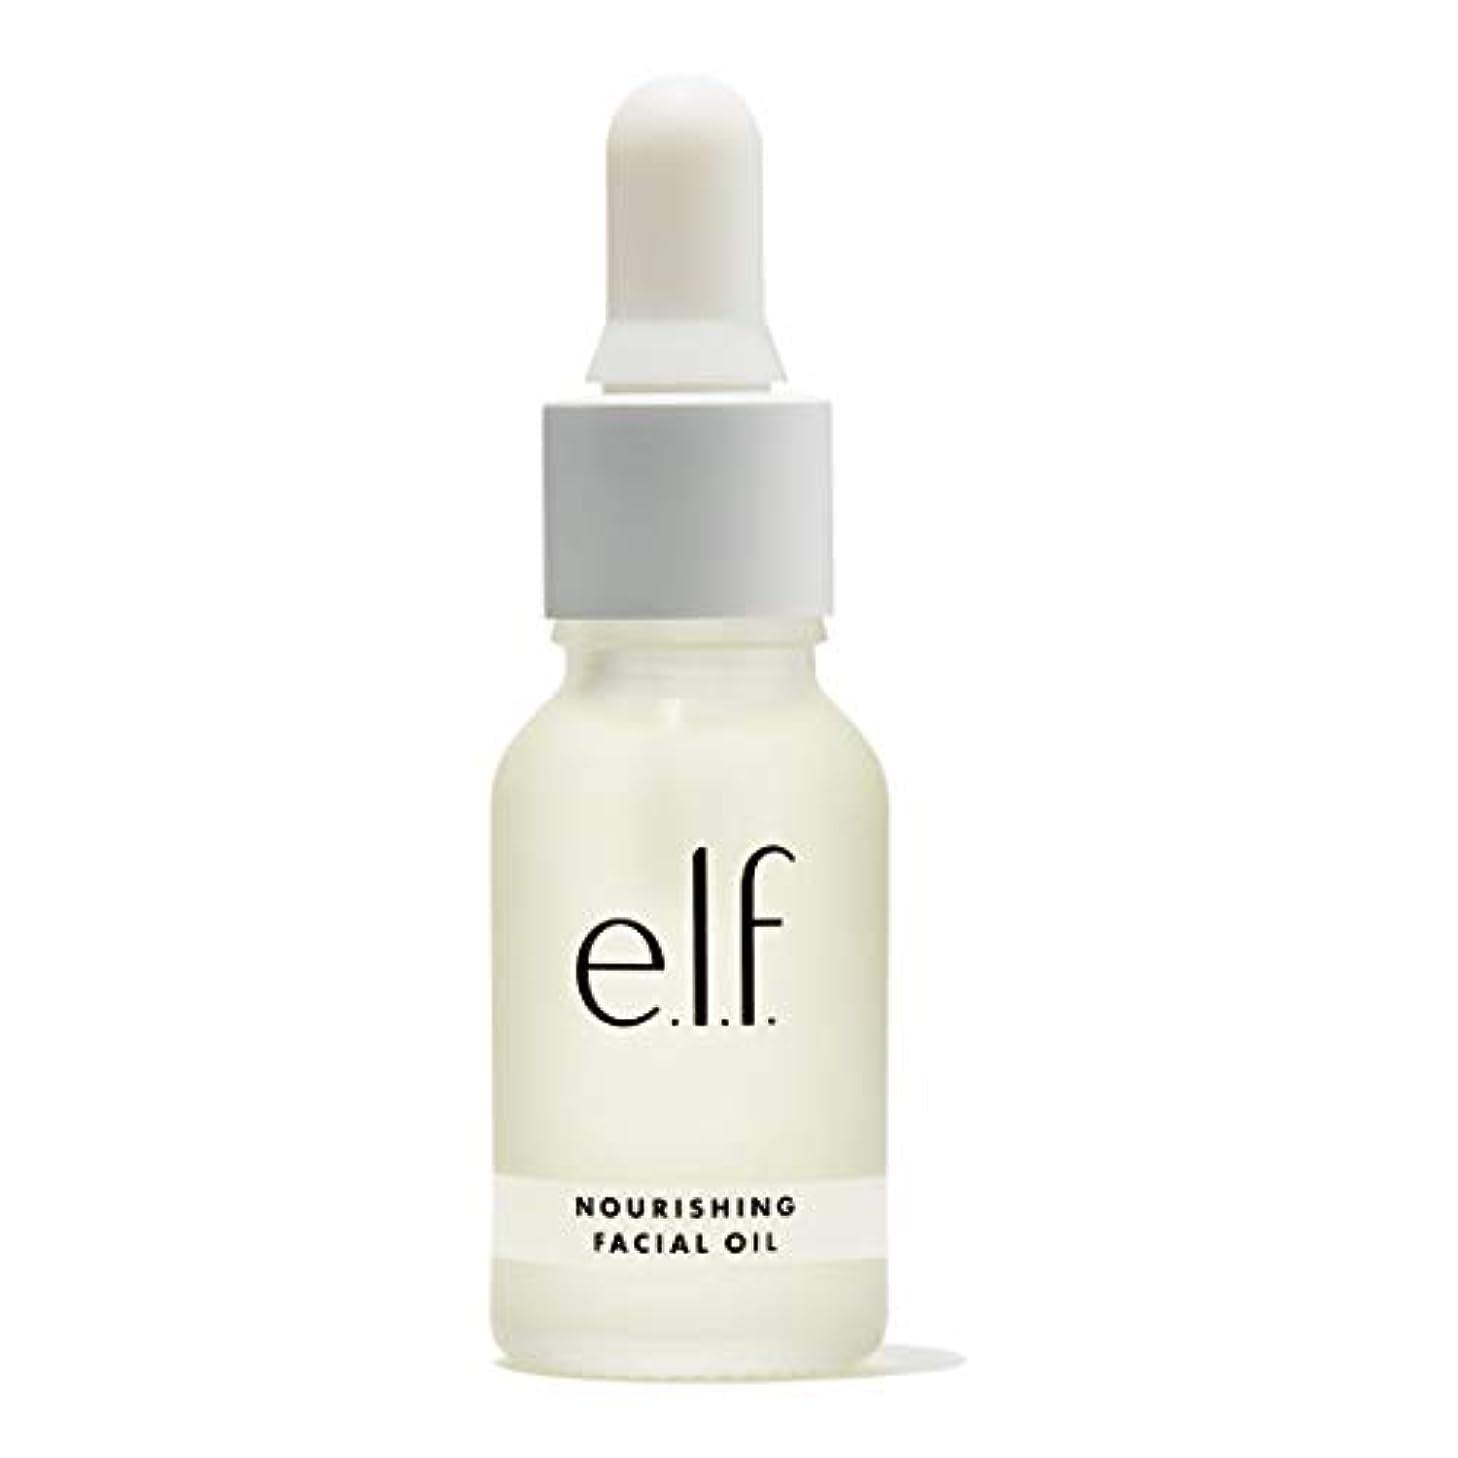 アクセサリー請負業者脱走(6 Pack) e.l.f. Nourishing Facial Oil (並行輸入品)